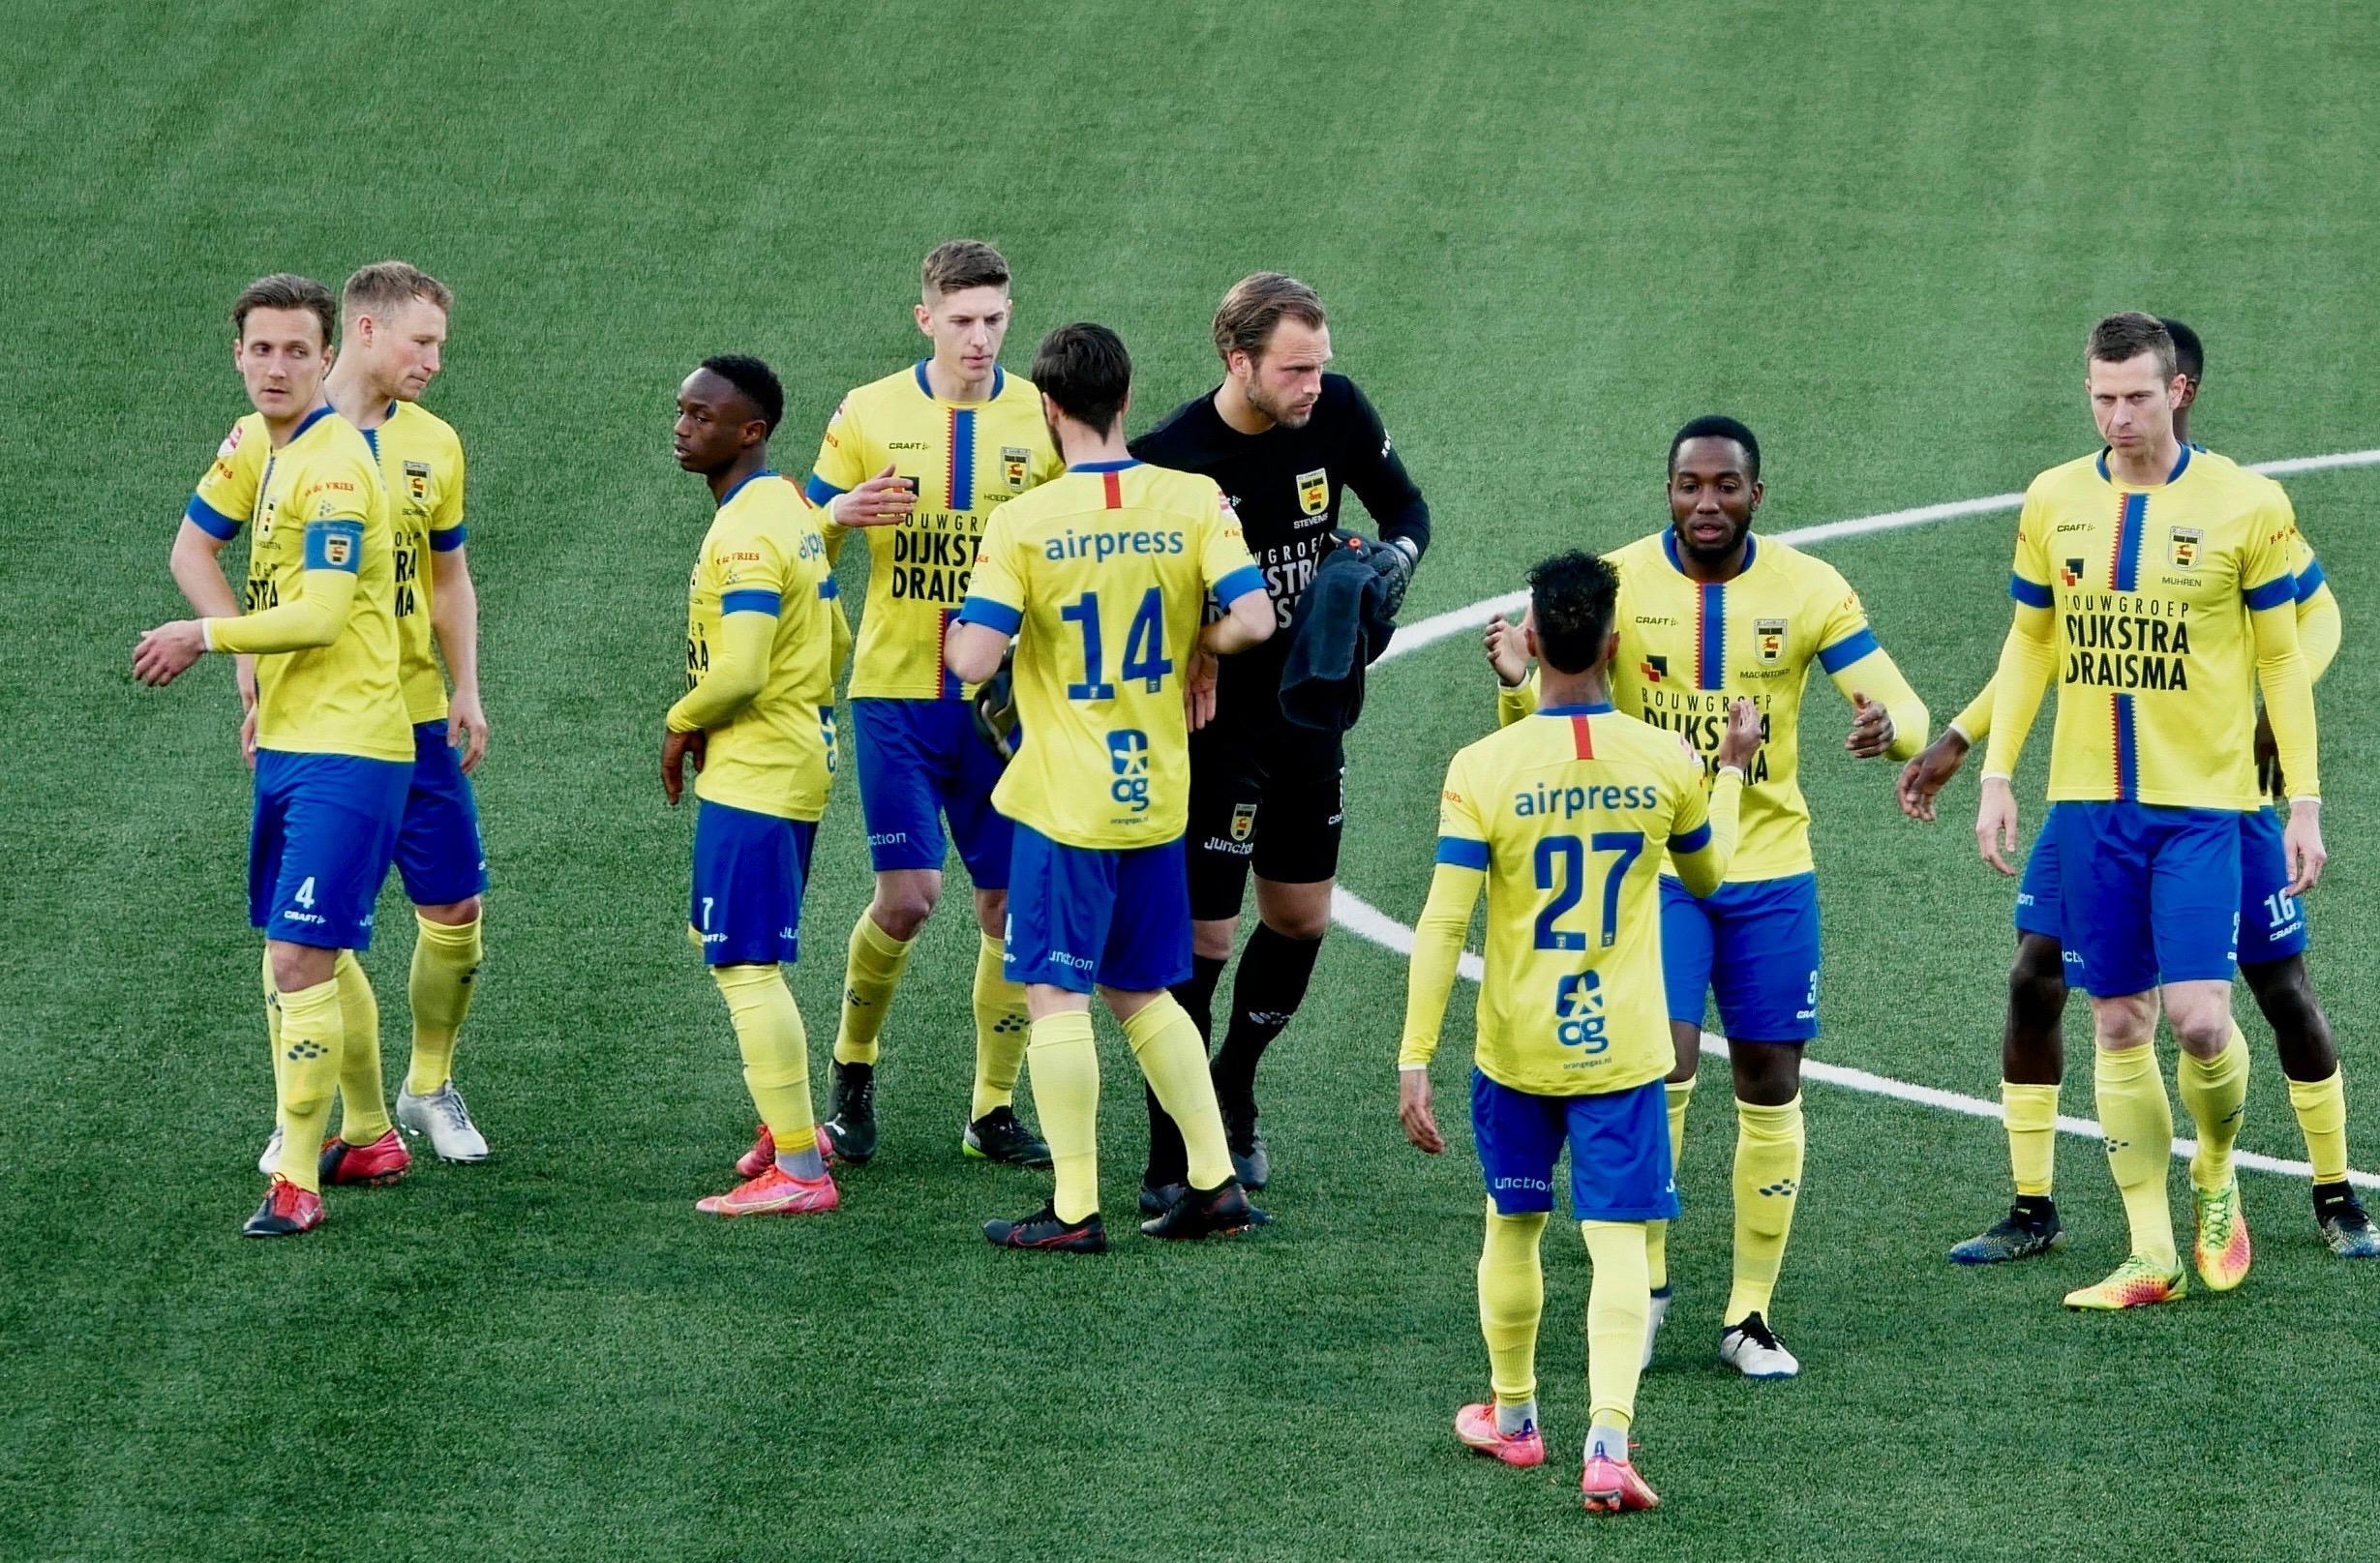 Op zijn Noord-Hollands naar de eredivisie: het geheim van de Friese club Cambuur